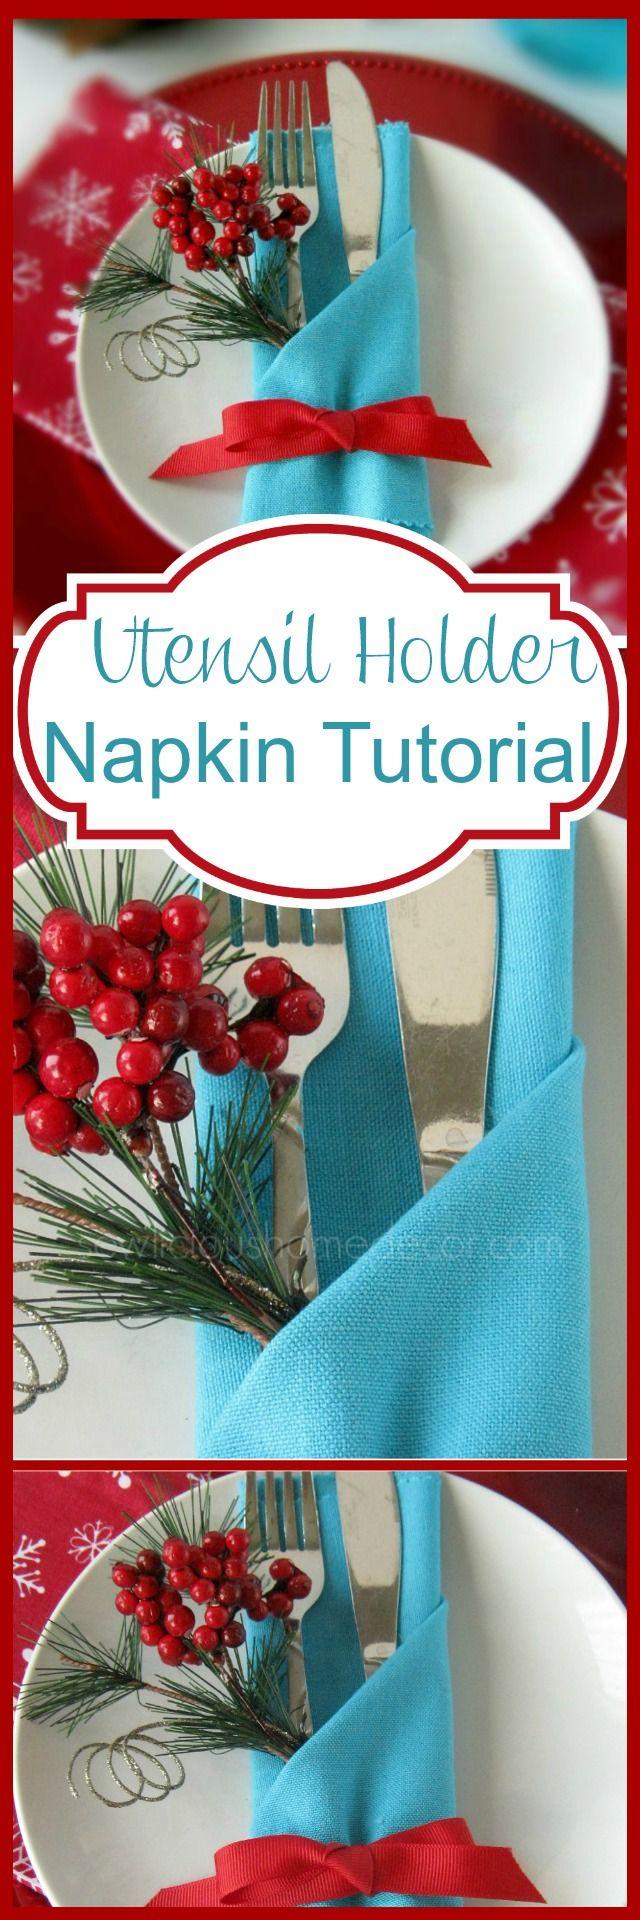 Utensil holder napkin tutorial with FREE eBook of napkin tutorials. So cute so easy! sewlicioushomedecor.com